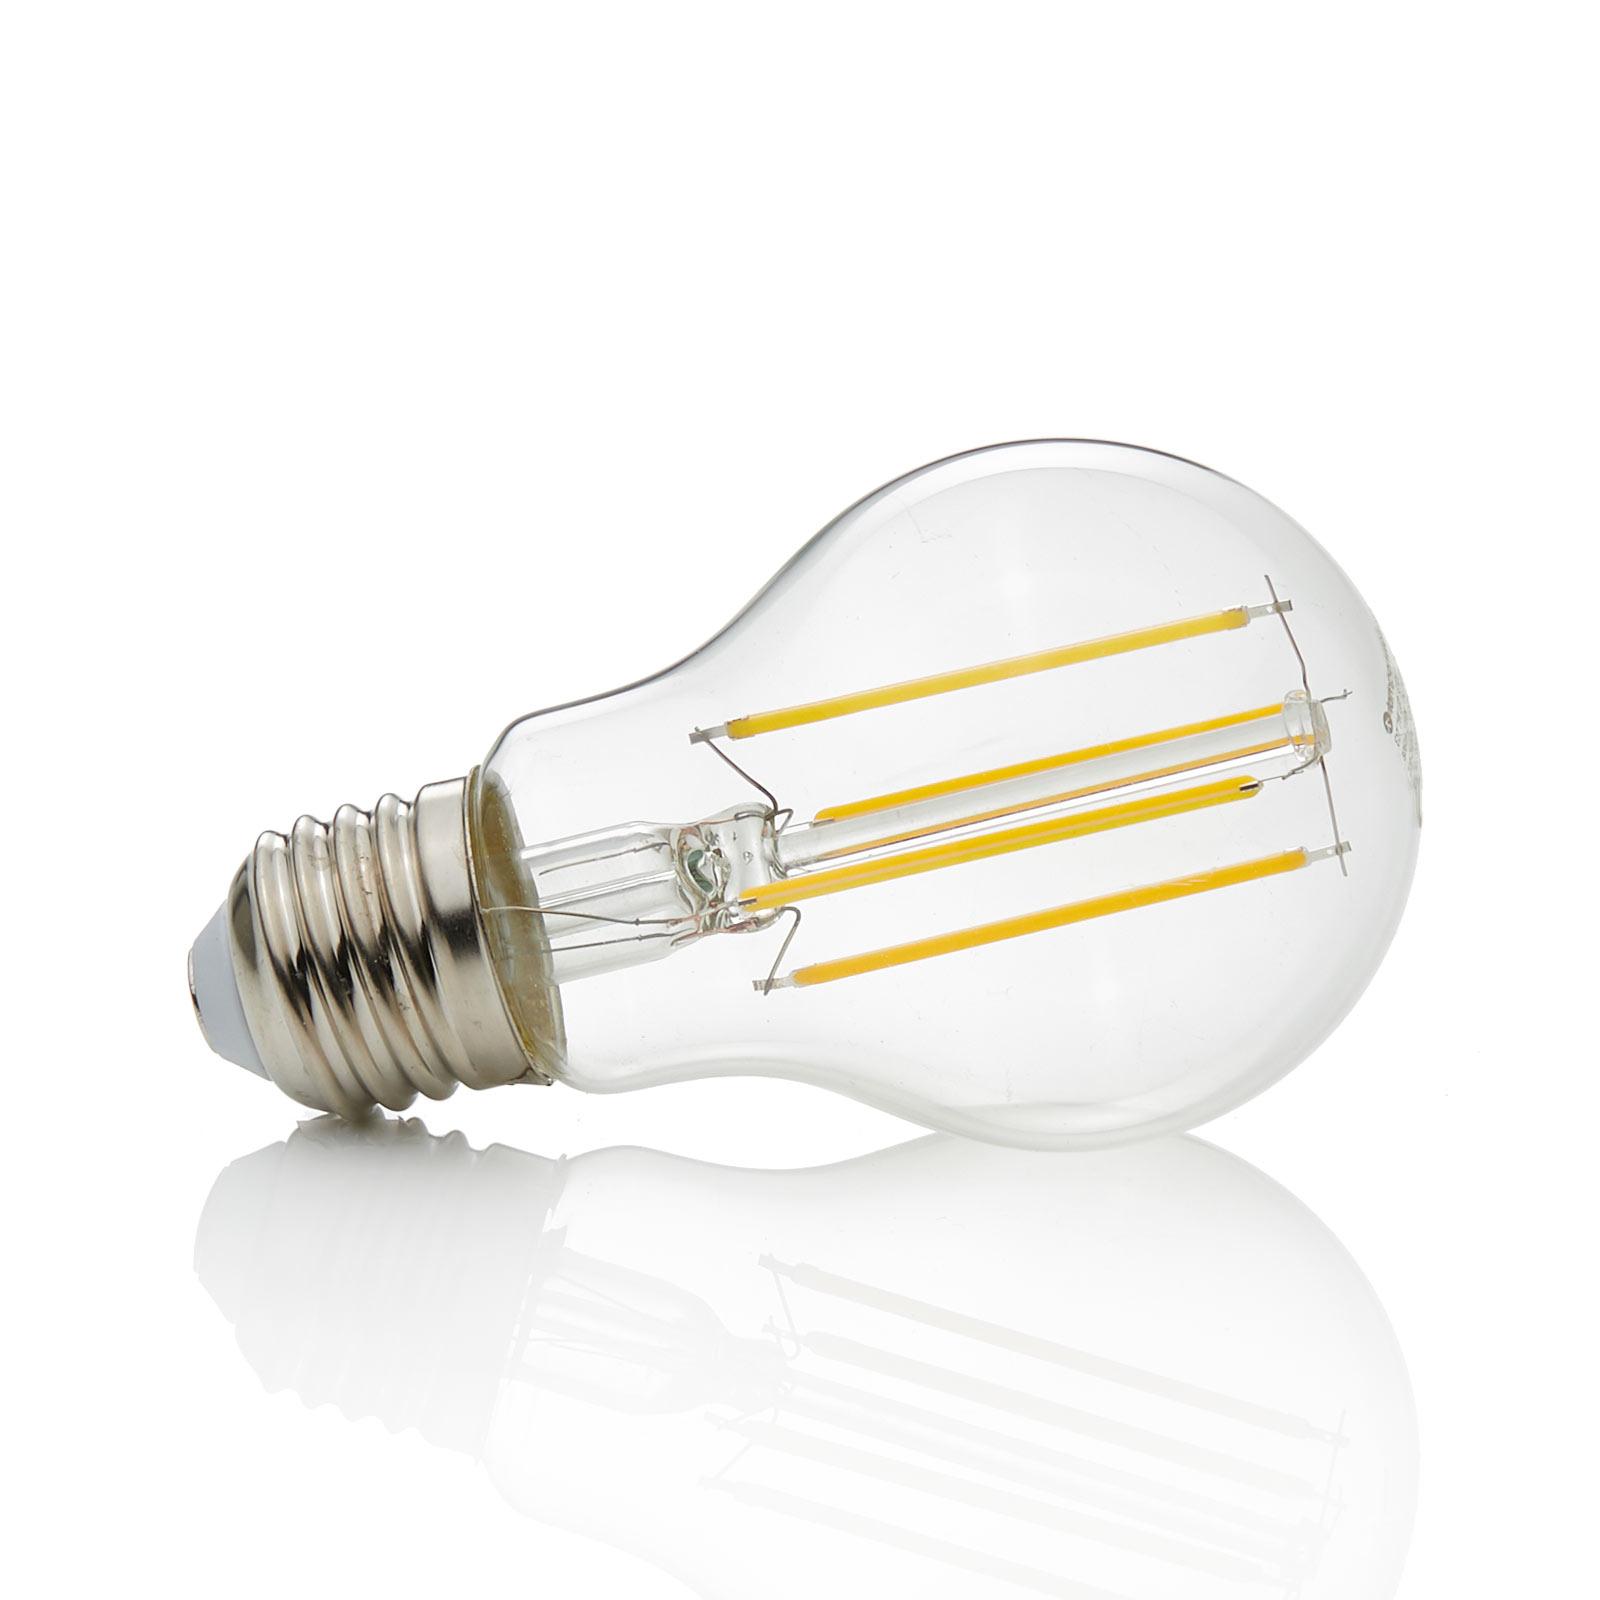 E27 LED-pære filament 7W, 806Lm, 2.700K, klar